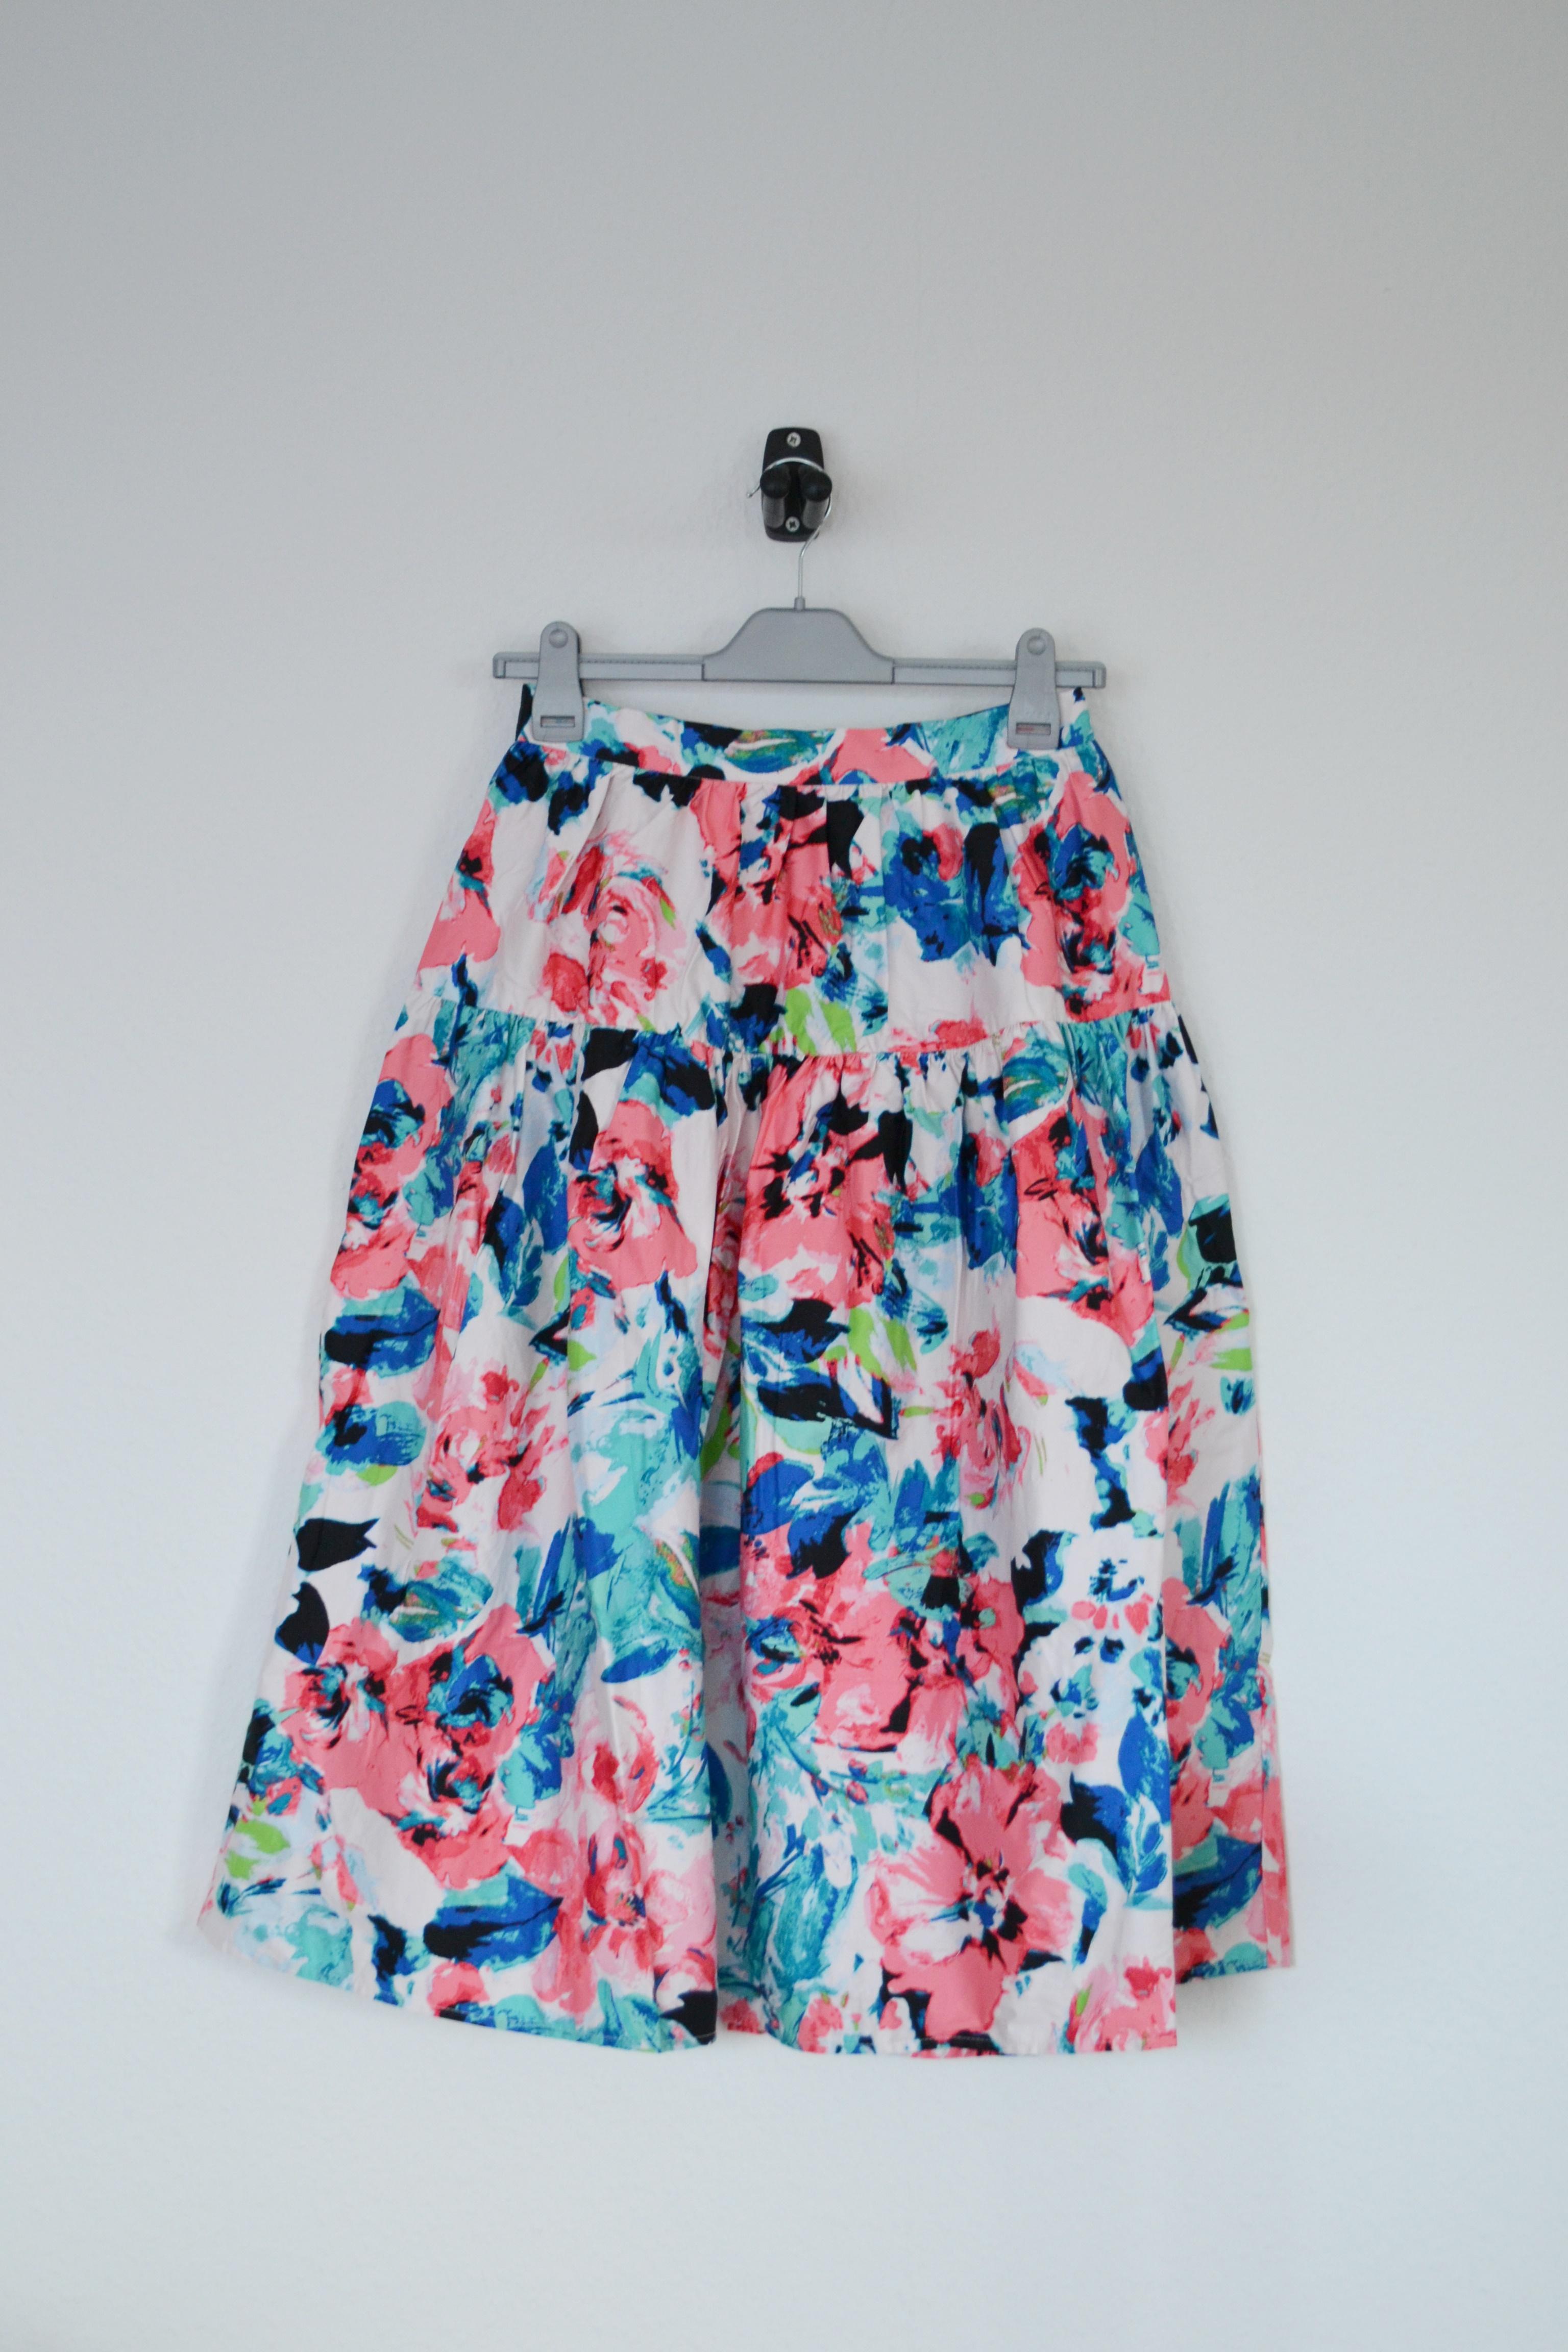 Hvid midi nederdel m. lyserøde og blå blomster - H&M